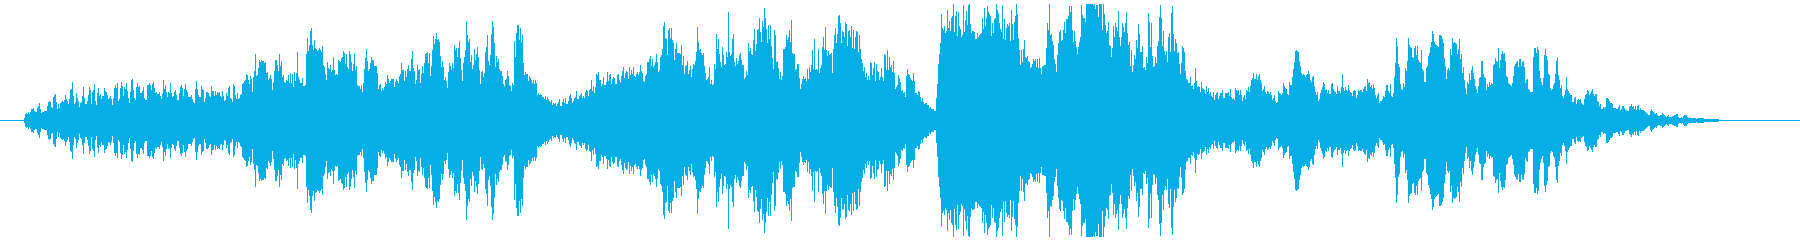 ホルスト「惑星」より木星(ジュピター)の再生済みの波形